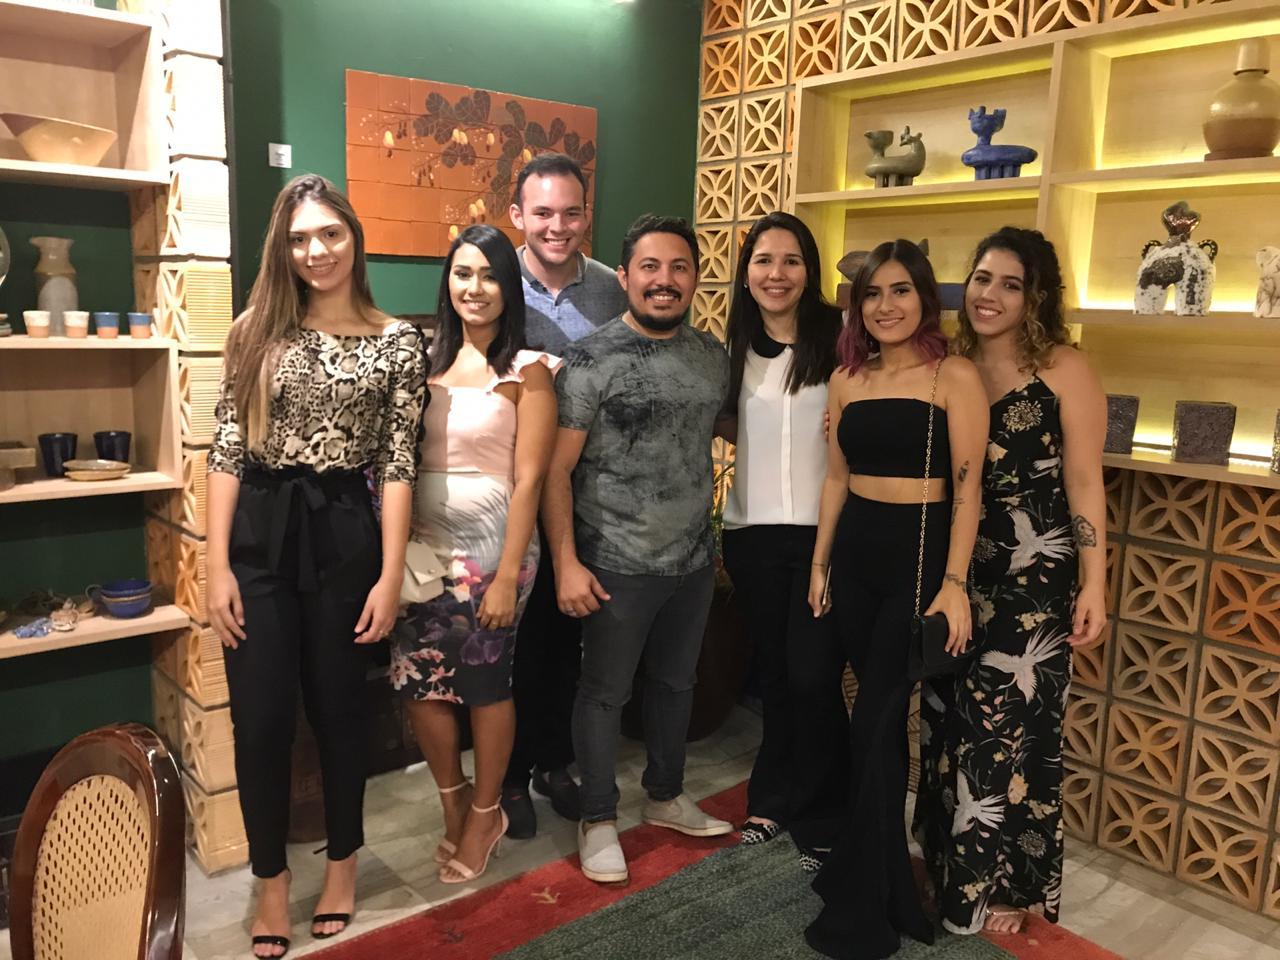 Alunos do Curso de Arquitetura e Urbanismo da Unichristus visitaram à Casacor Ceará 2018